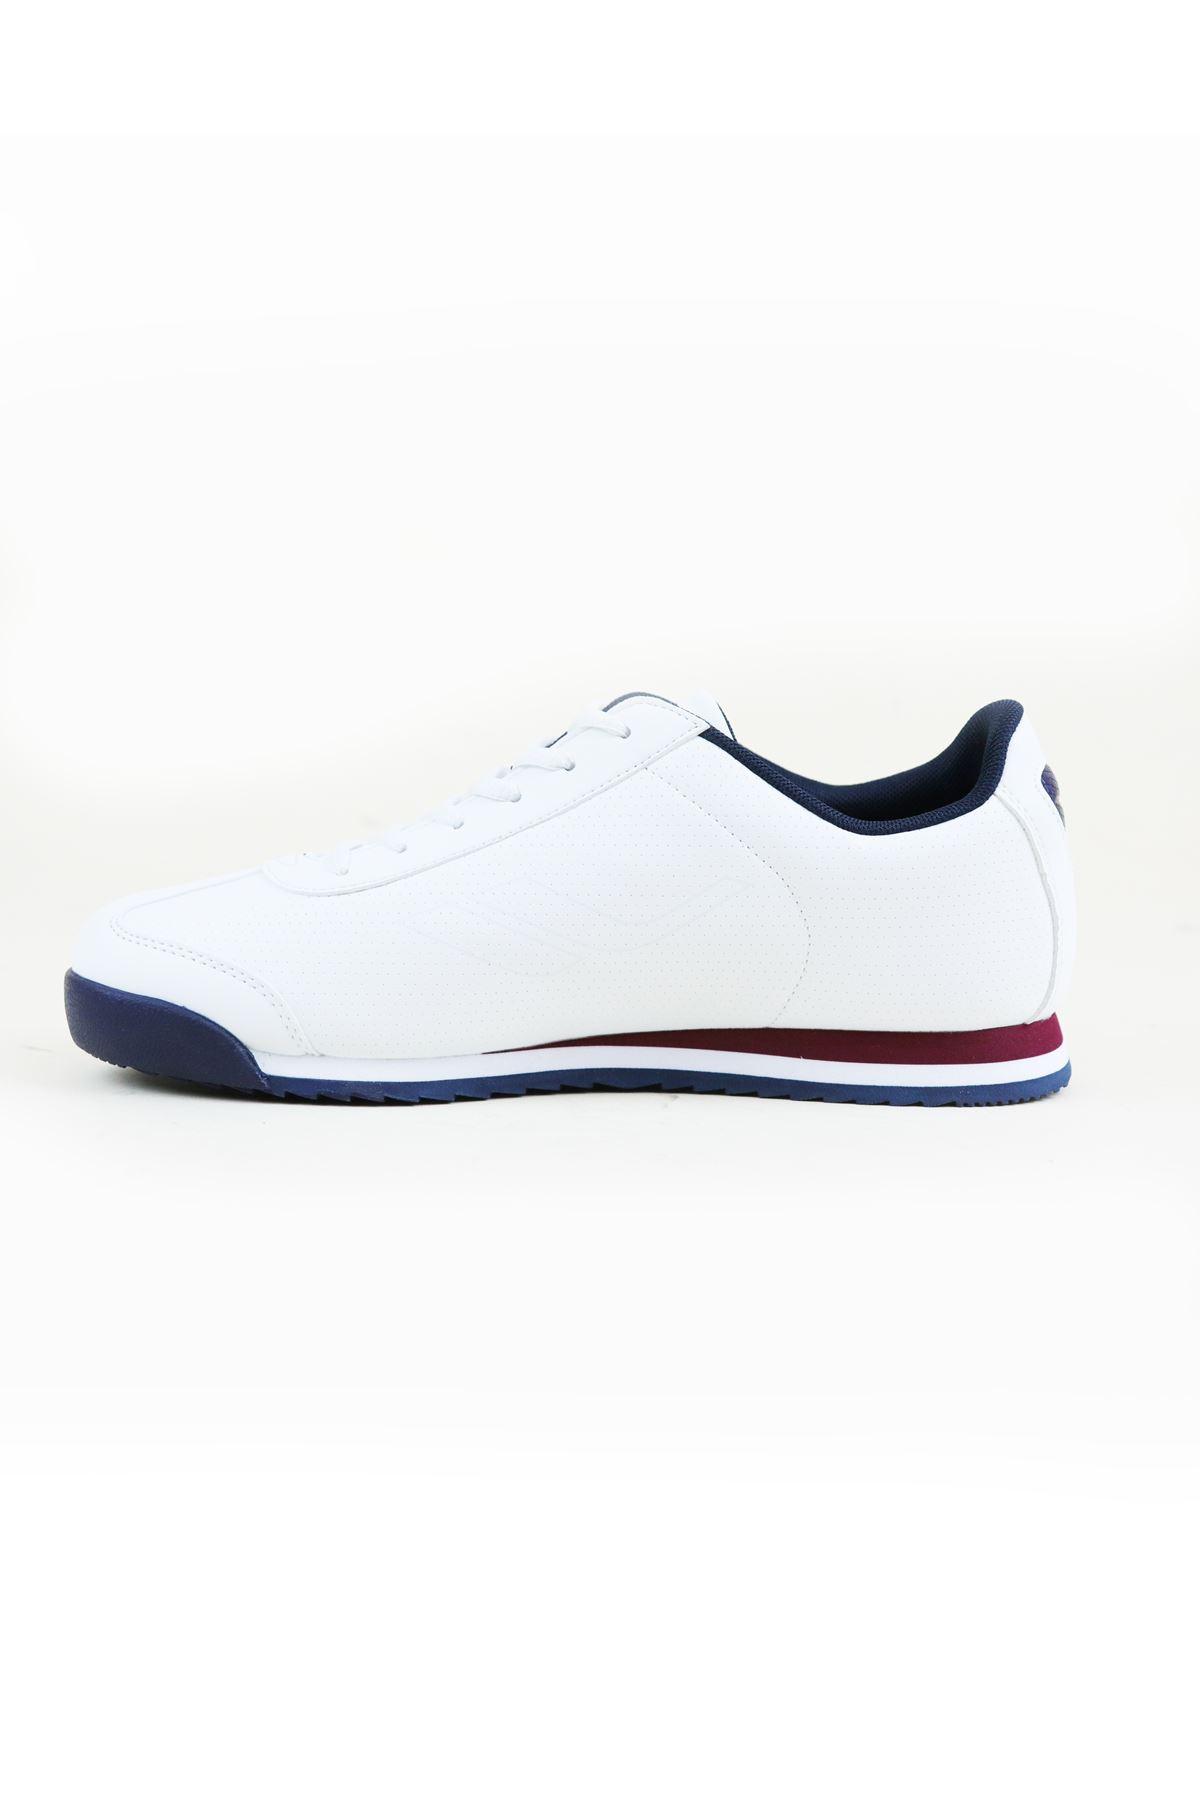 Lescon Winner-2 Sneakers erkek spor ayakkabısı